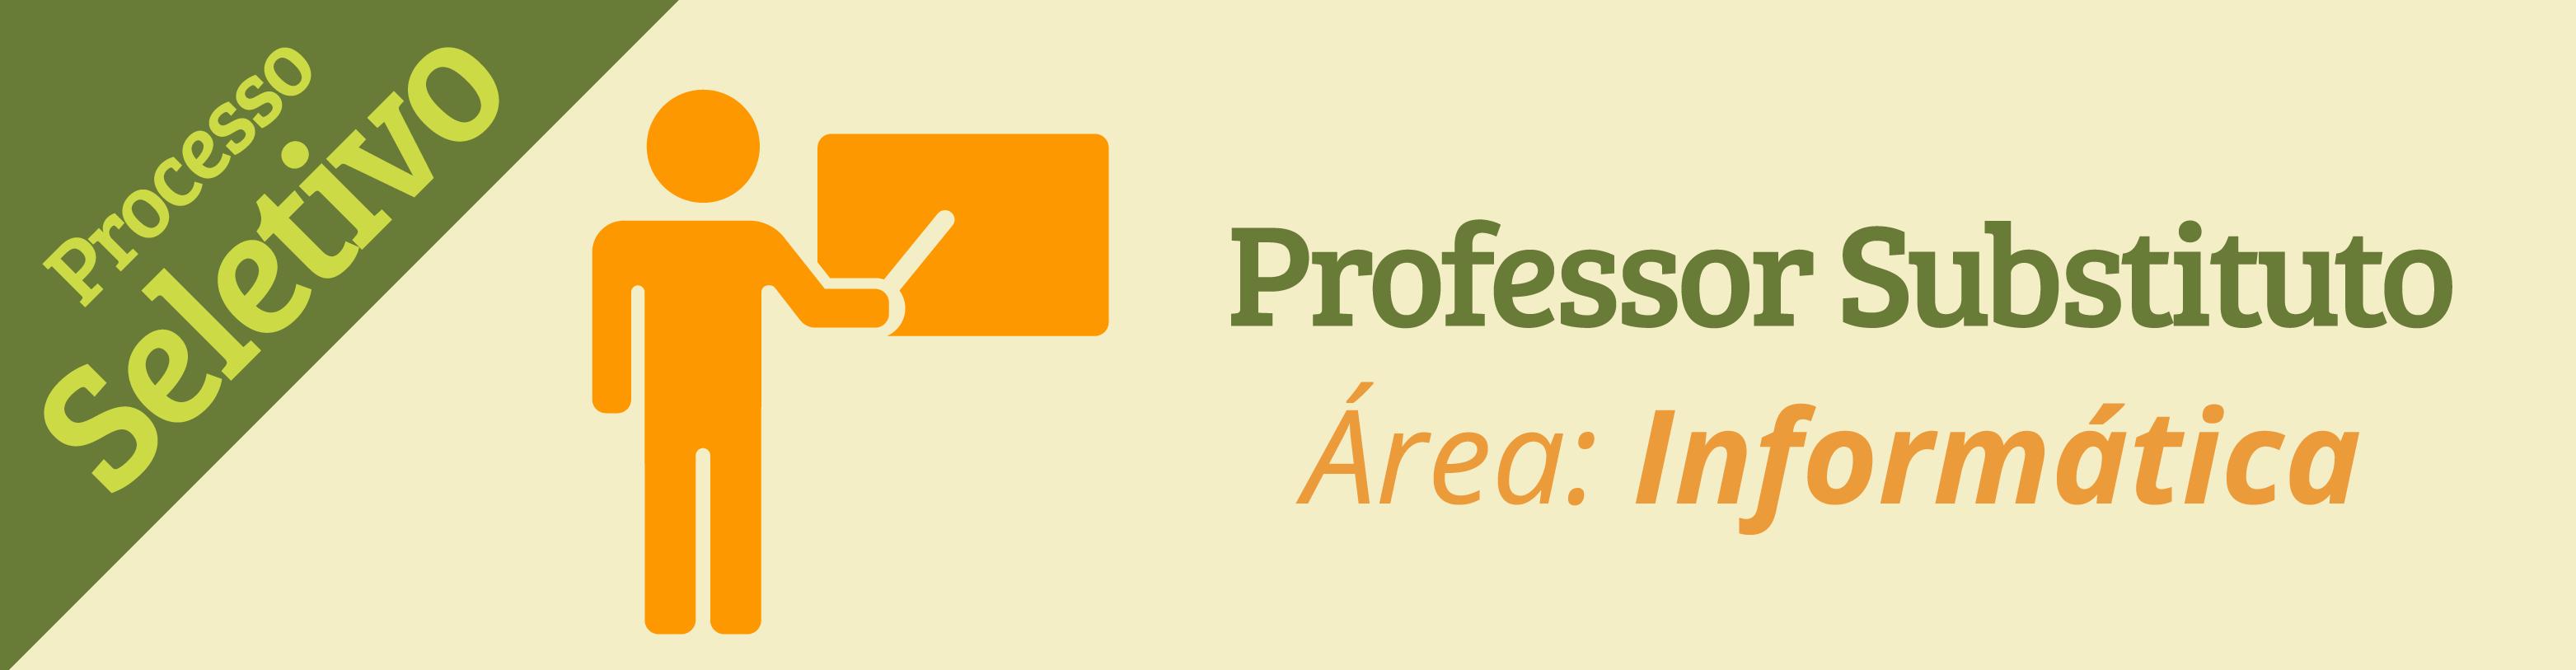 Campus Poços seleciona professor substituto na área de Informática. Inscrições até 31/01.